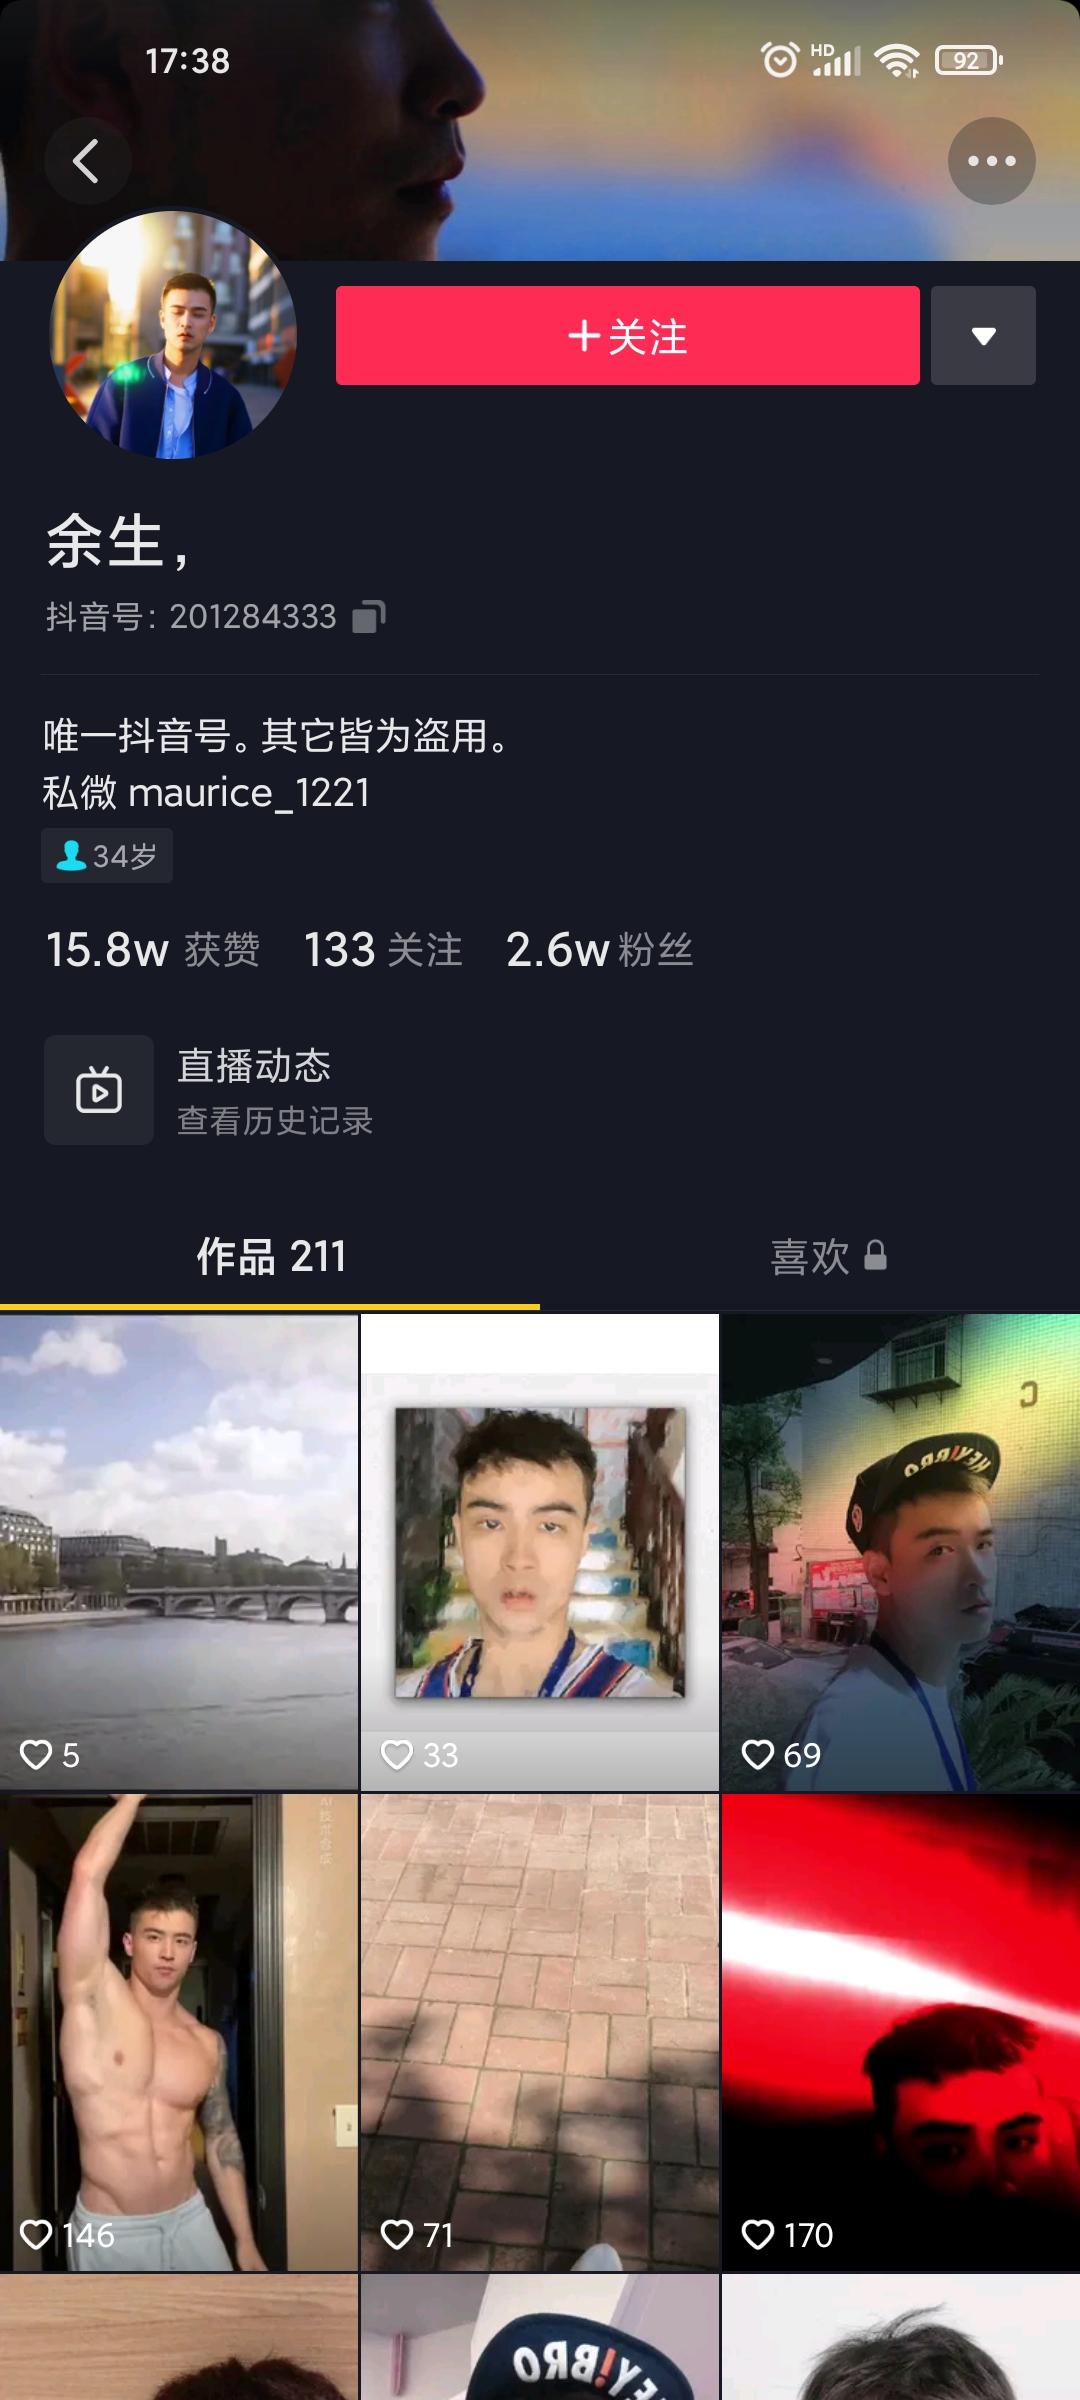 抖音帅哥余生, 抖音号:201284333,抖友社区,douyoushequ.com